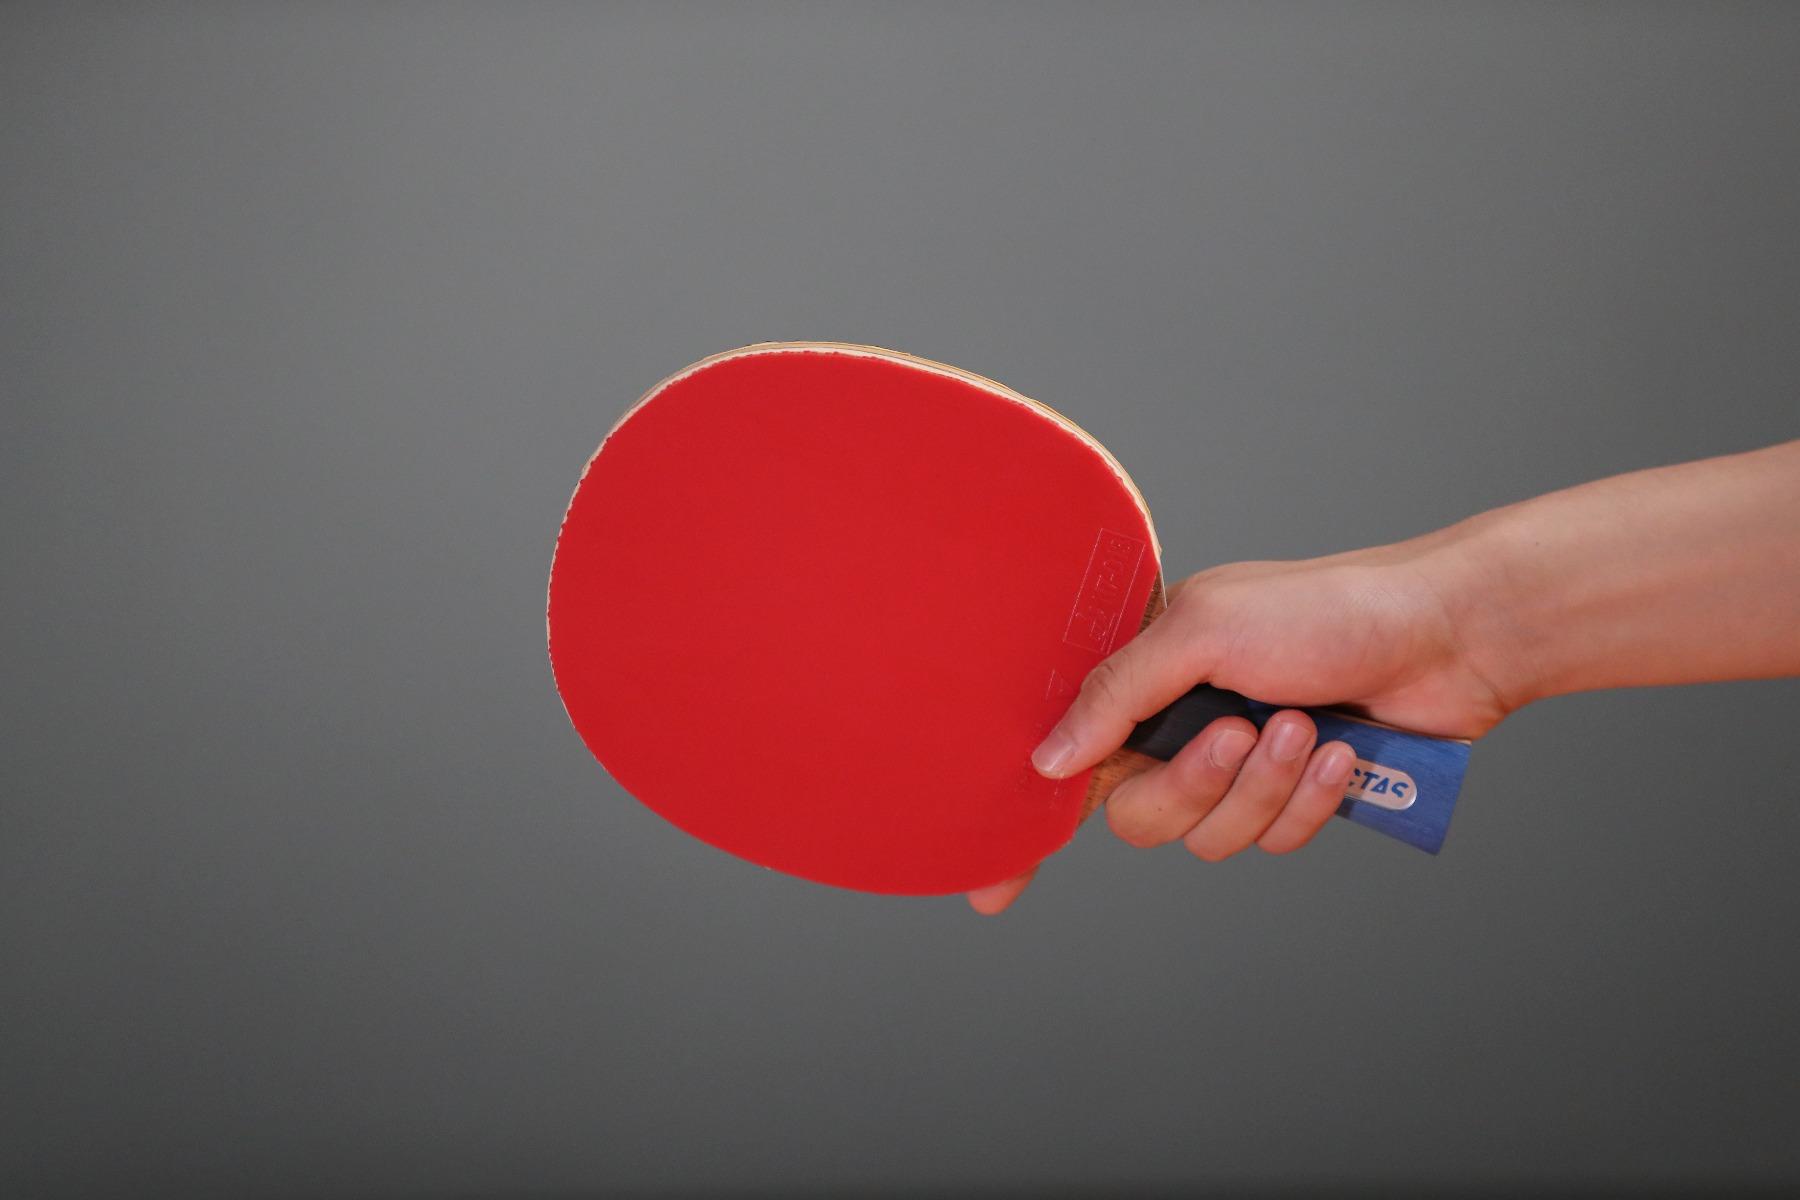 VICTAS JOURNAL 初心者 技術紹介 ビギナー 上達のコツ 卓球 用具の選び方